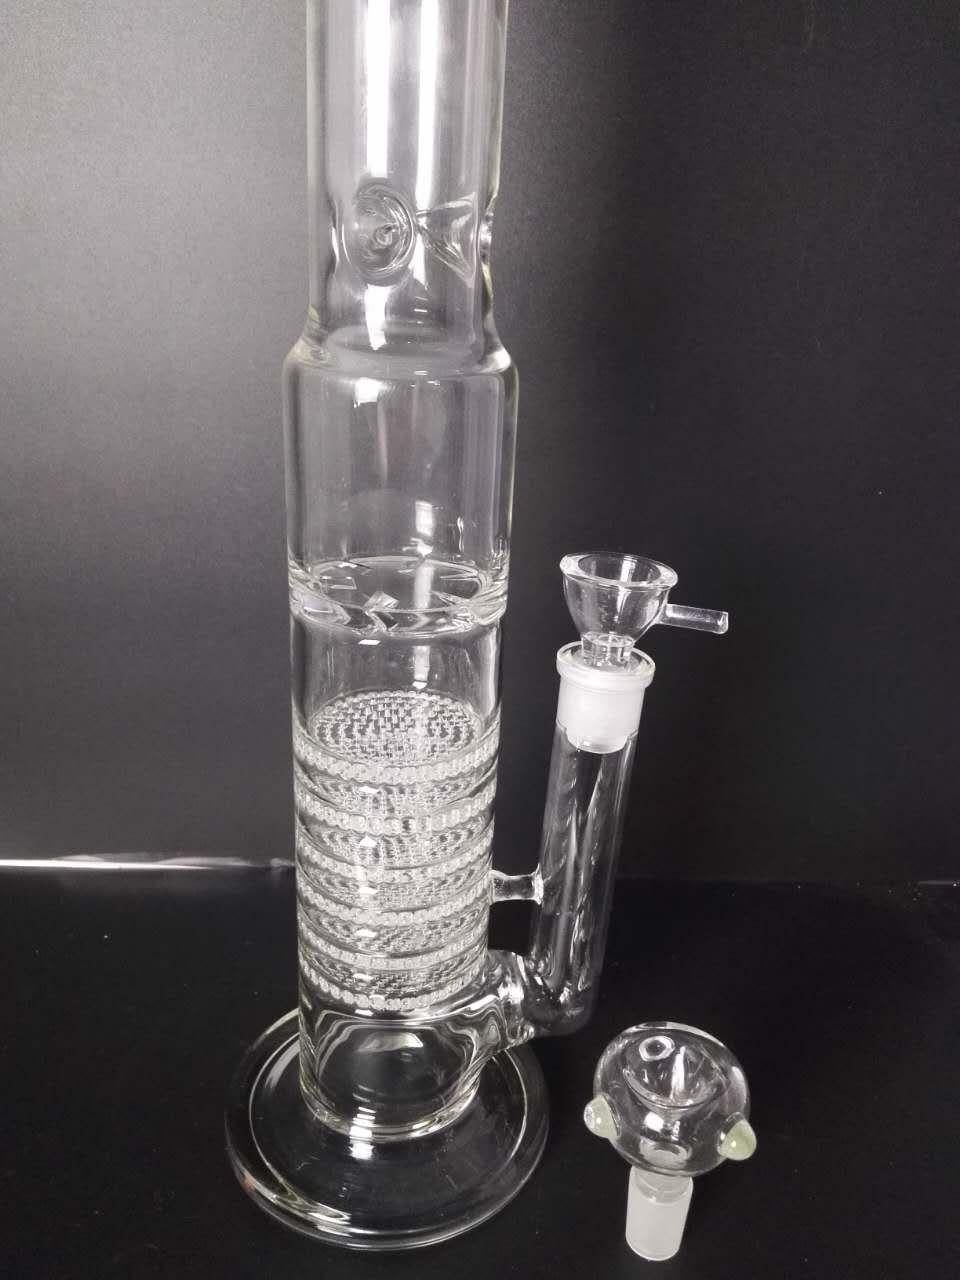 H: 45см стекло бонг удобная труба для воды 7 слой Сота перколятор барботер Утилизатор нефтяных вышек Золоуловитель 18 мм совместное стеклянная чаша портативный